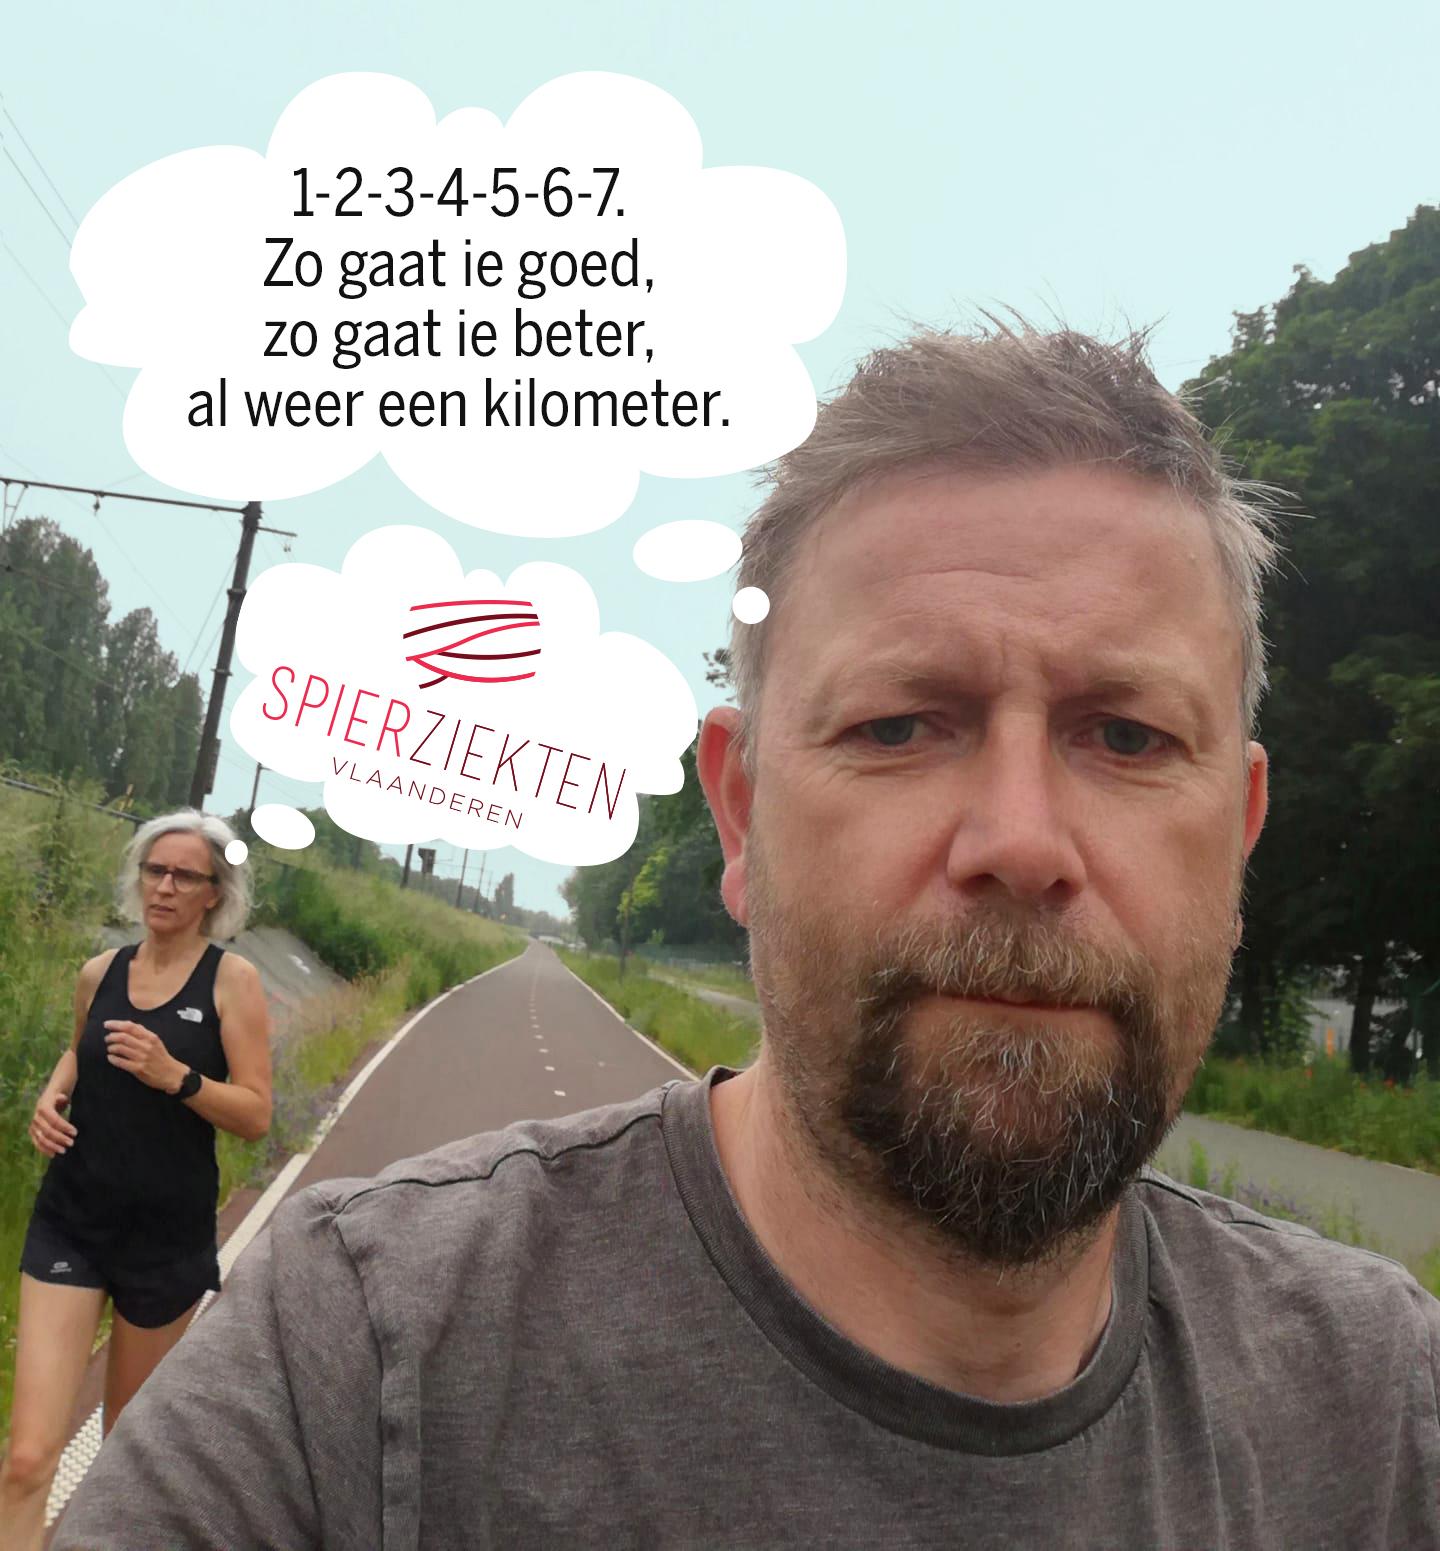 Sponsorloop-tvv-Spierziekten-Vlaanderen-1 Karin loopt voor iedereen die het niet kan